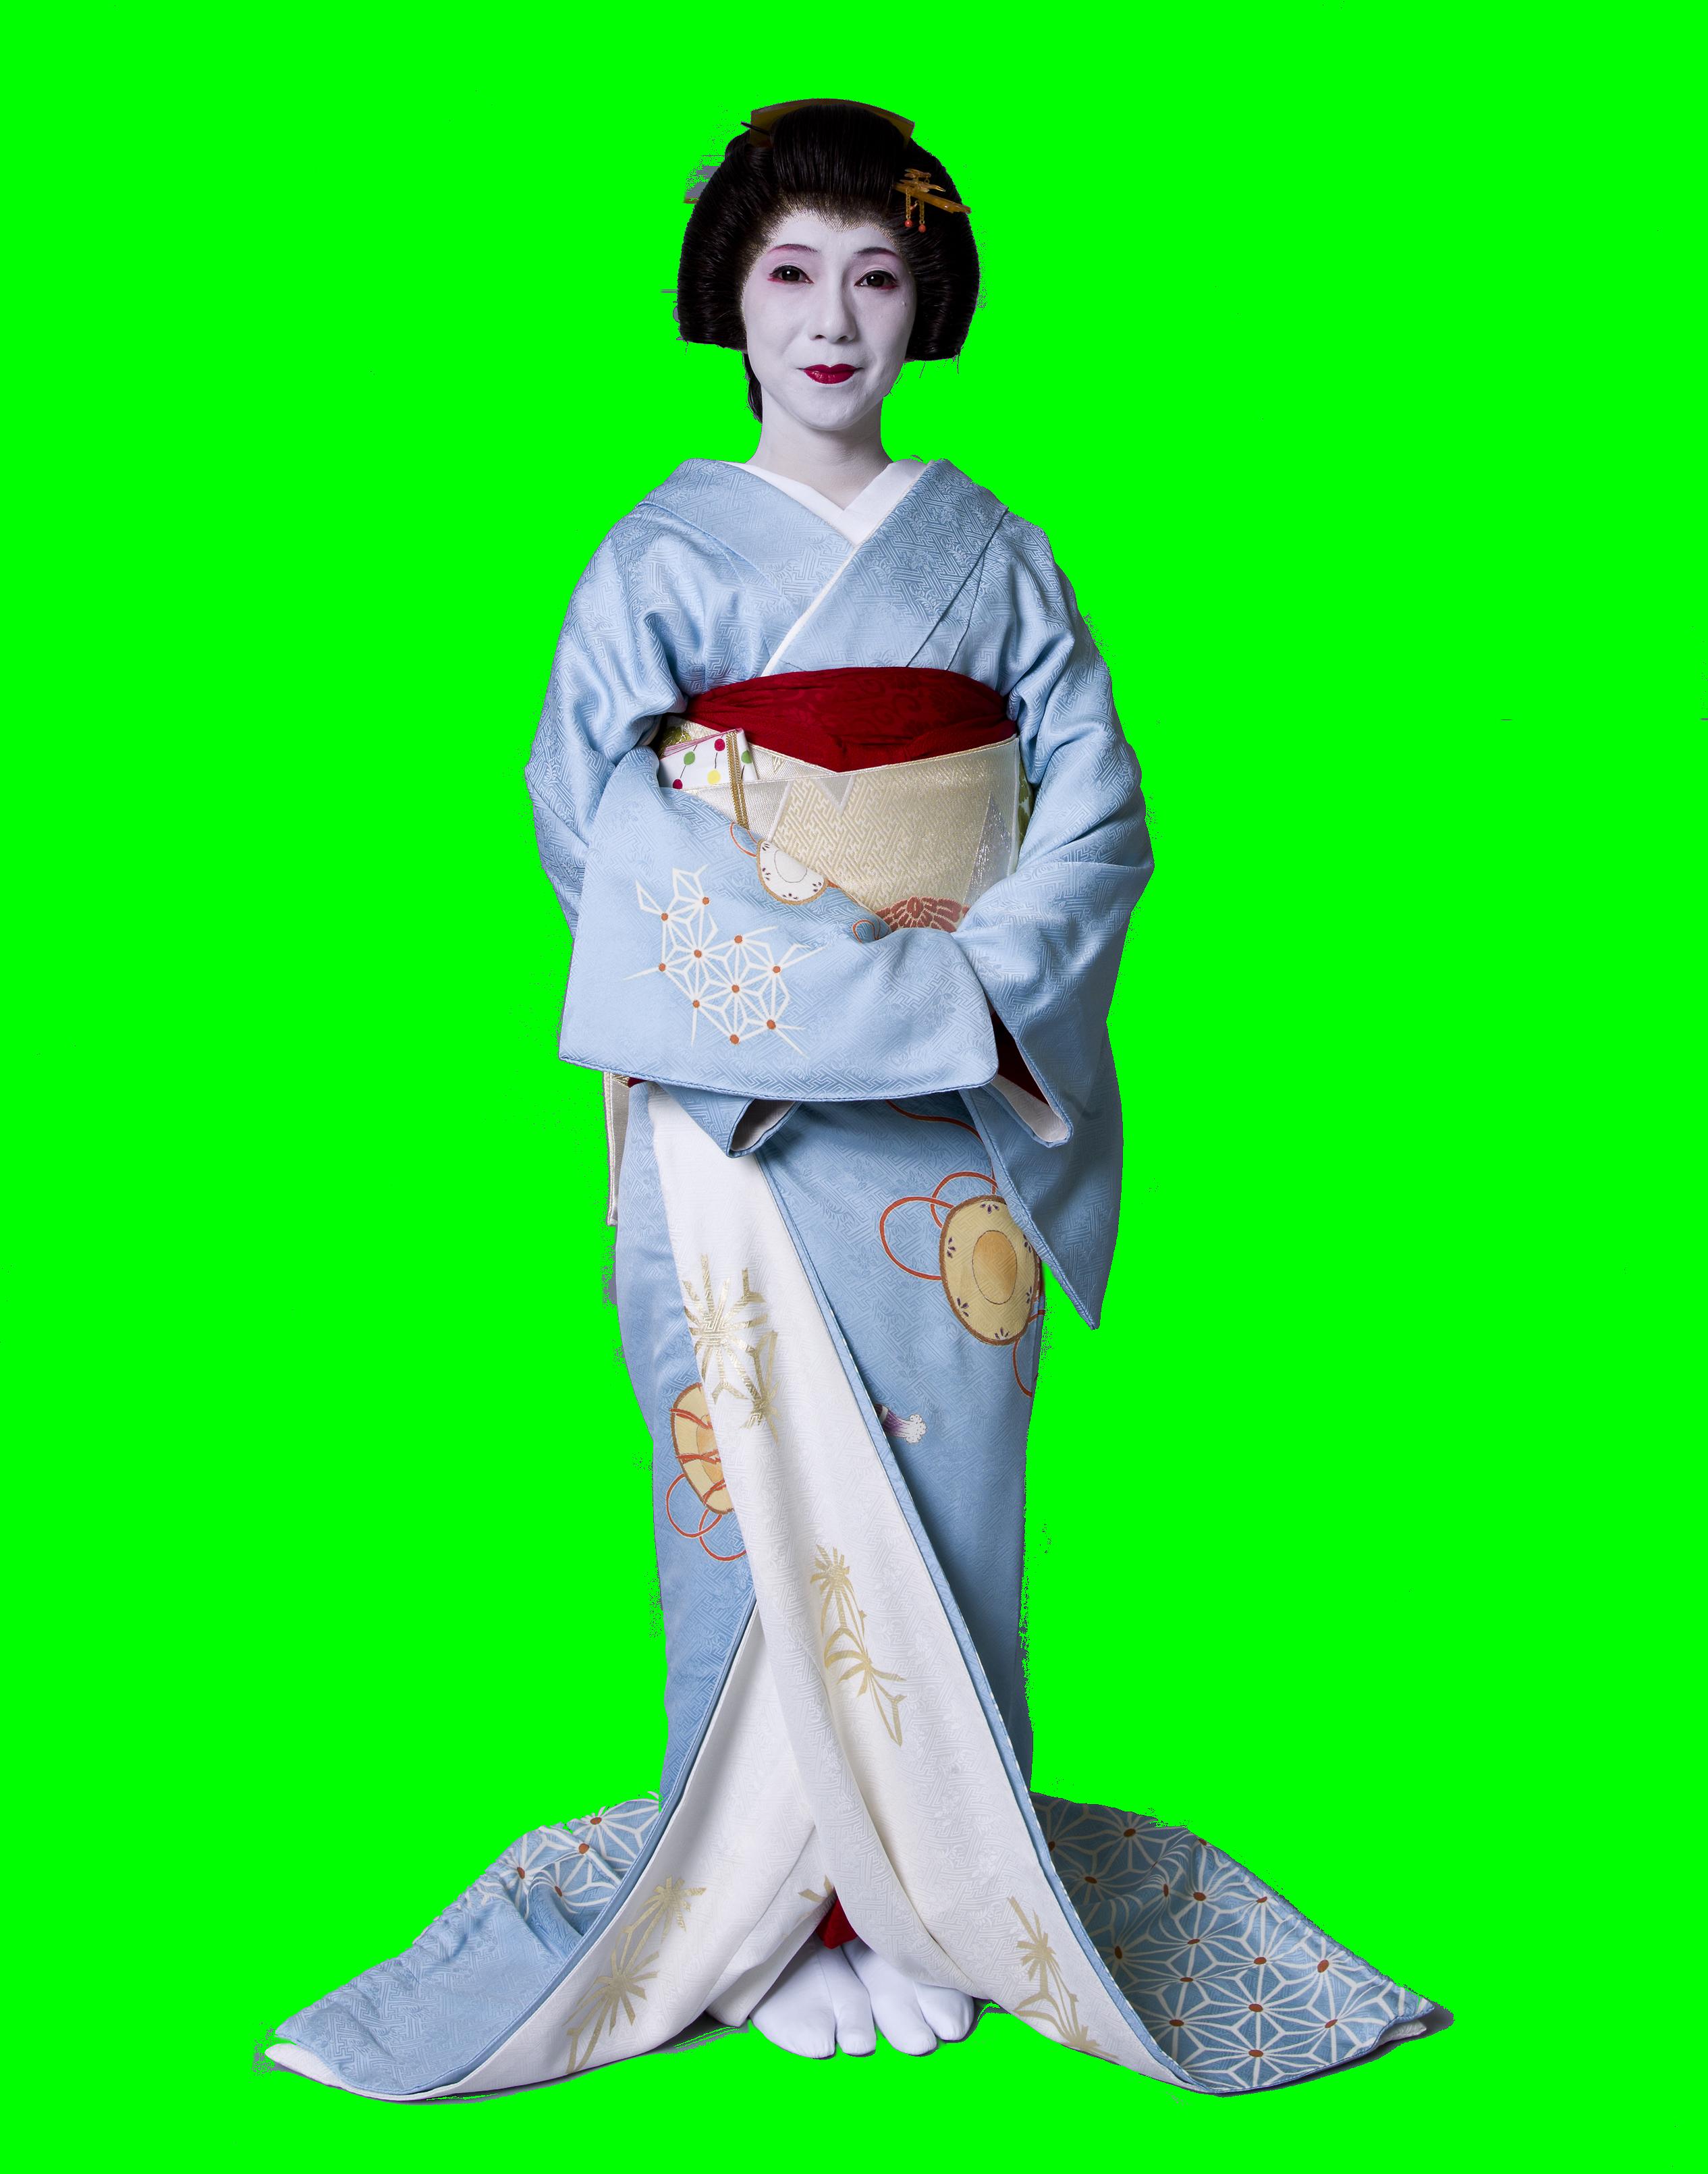 Geisha png - Geisha PNG